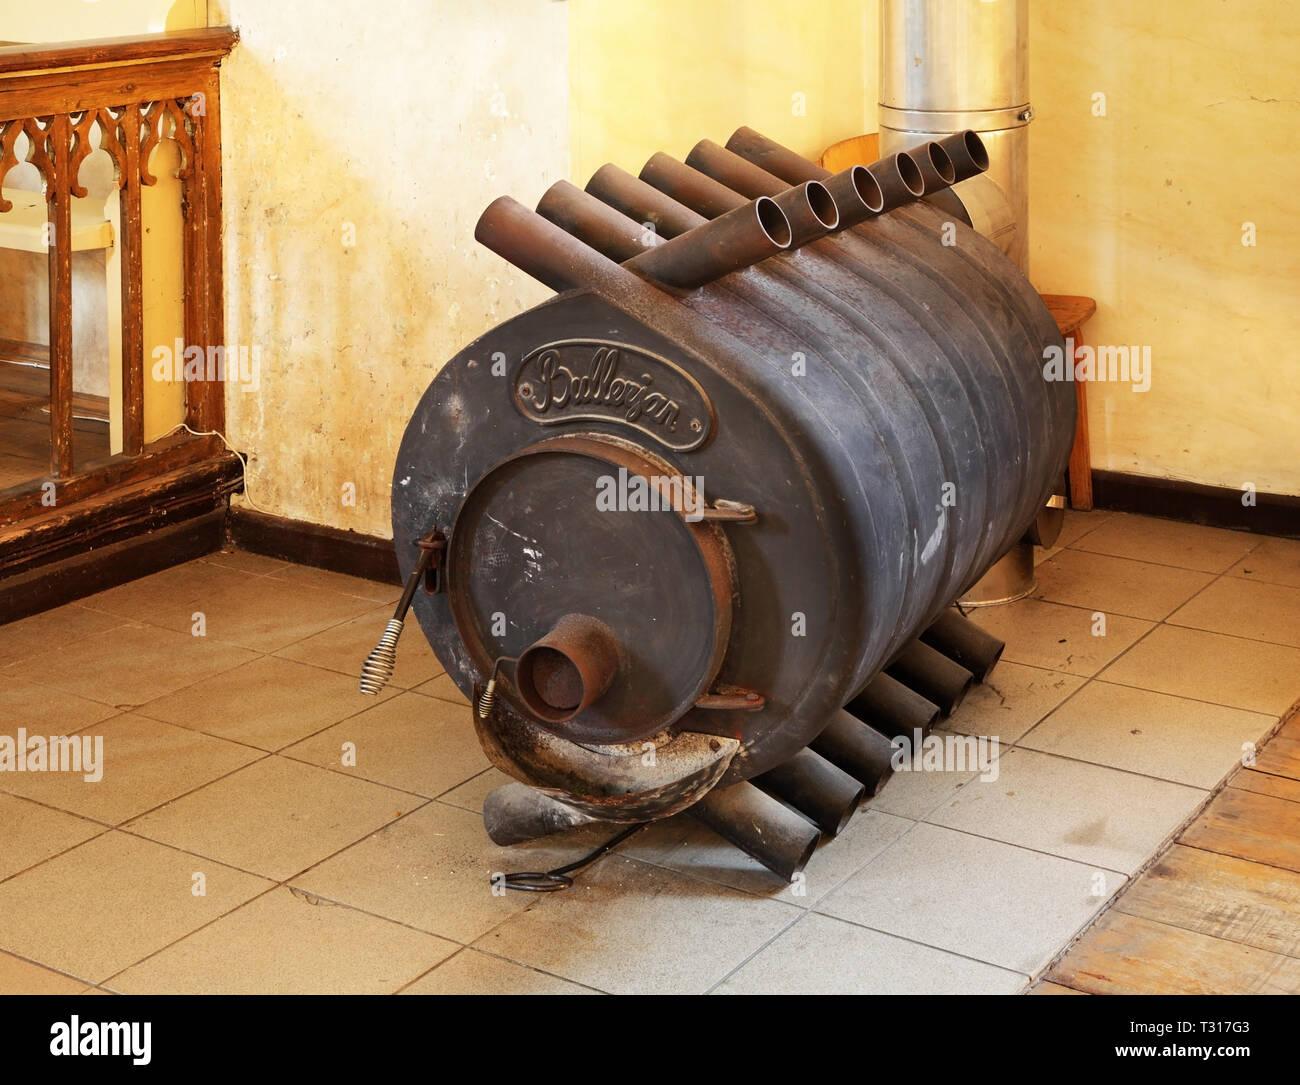 Old stove in Sigulda. Latvia - Stock Image